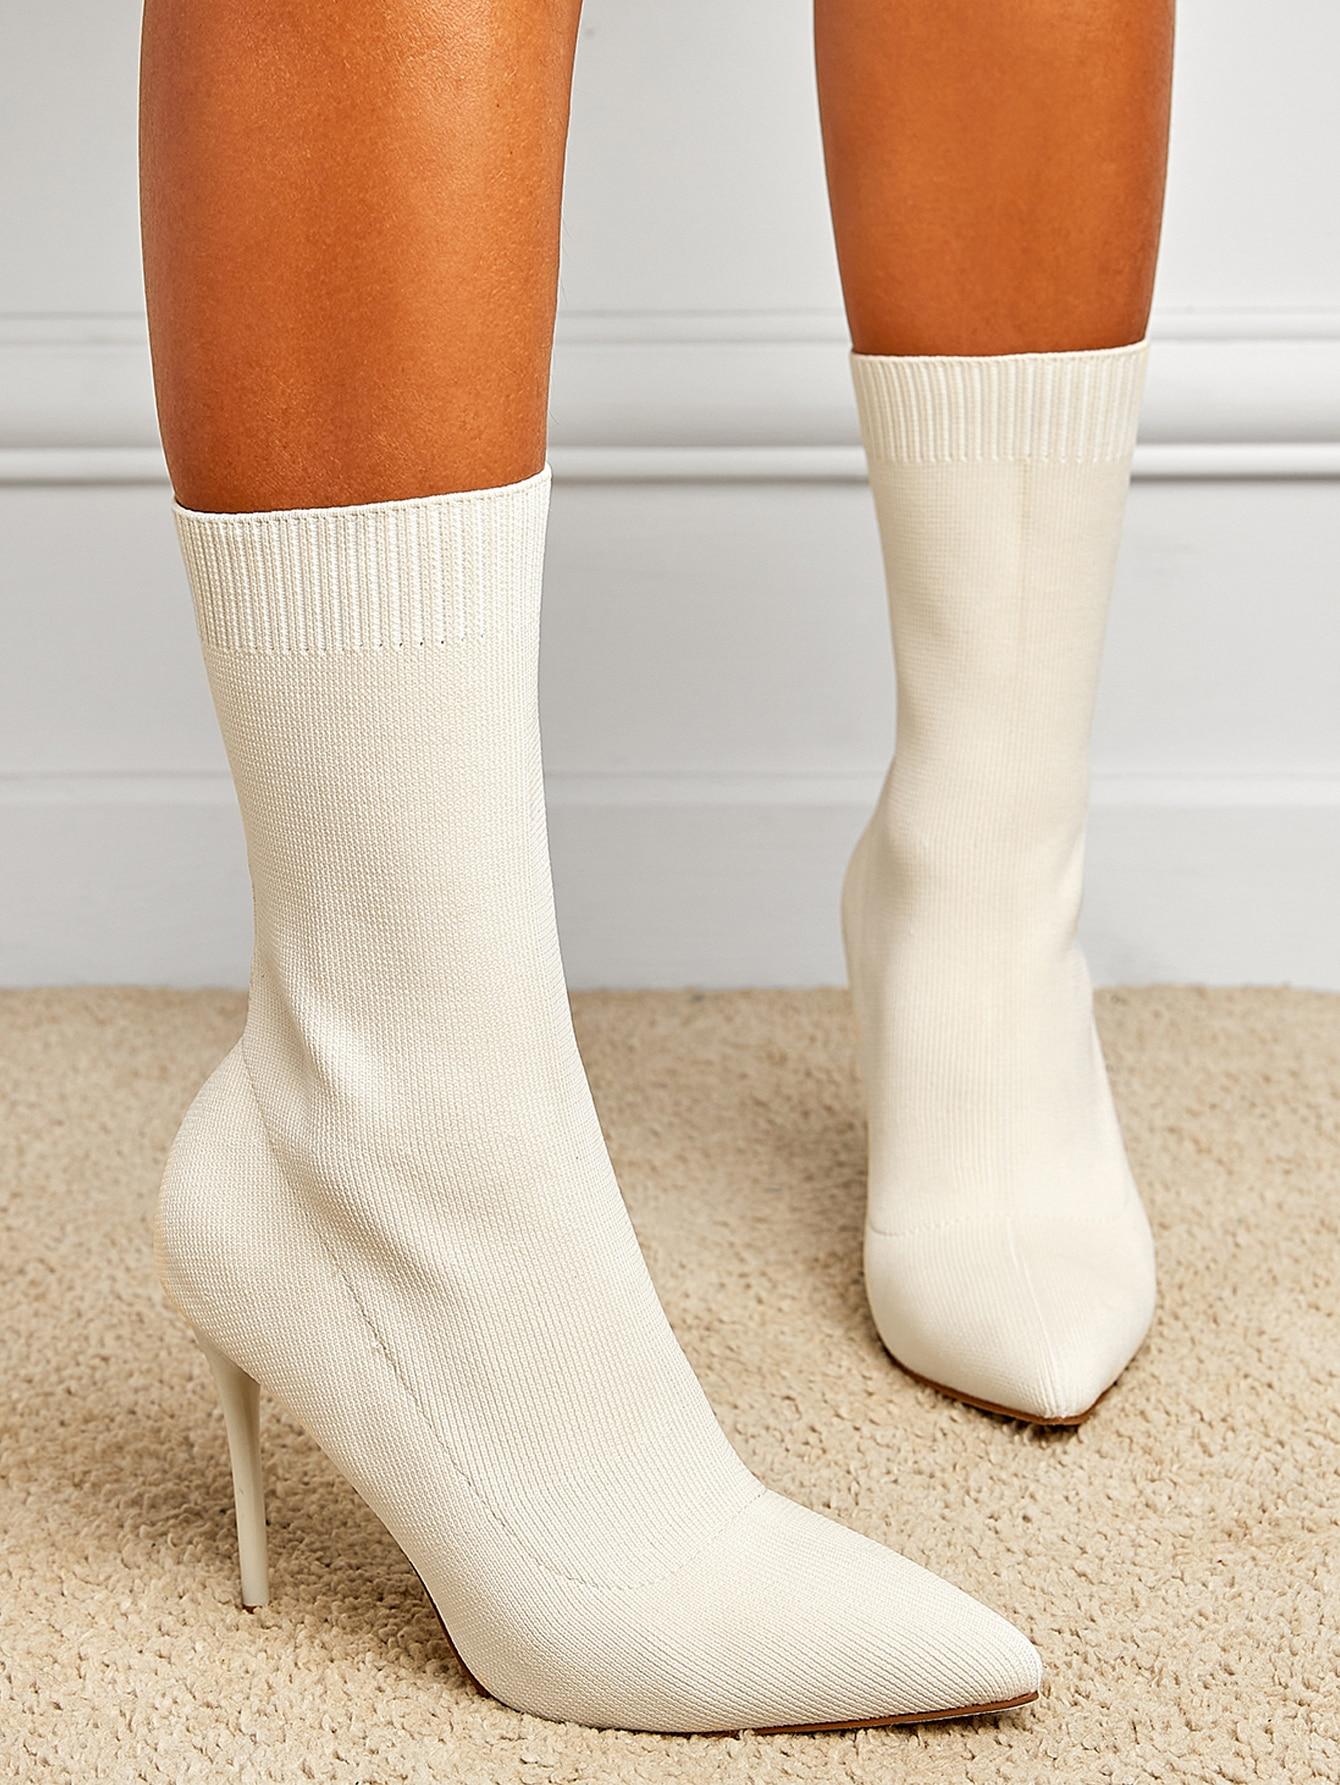 Minimalist Knit Stiletto Heeled Boots